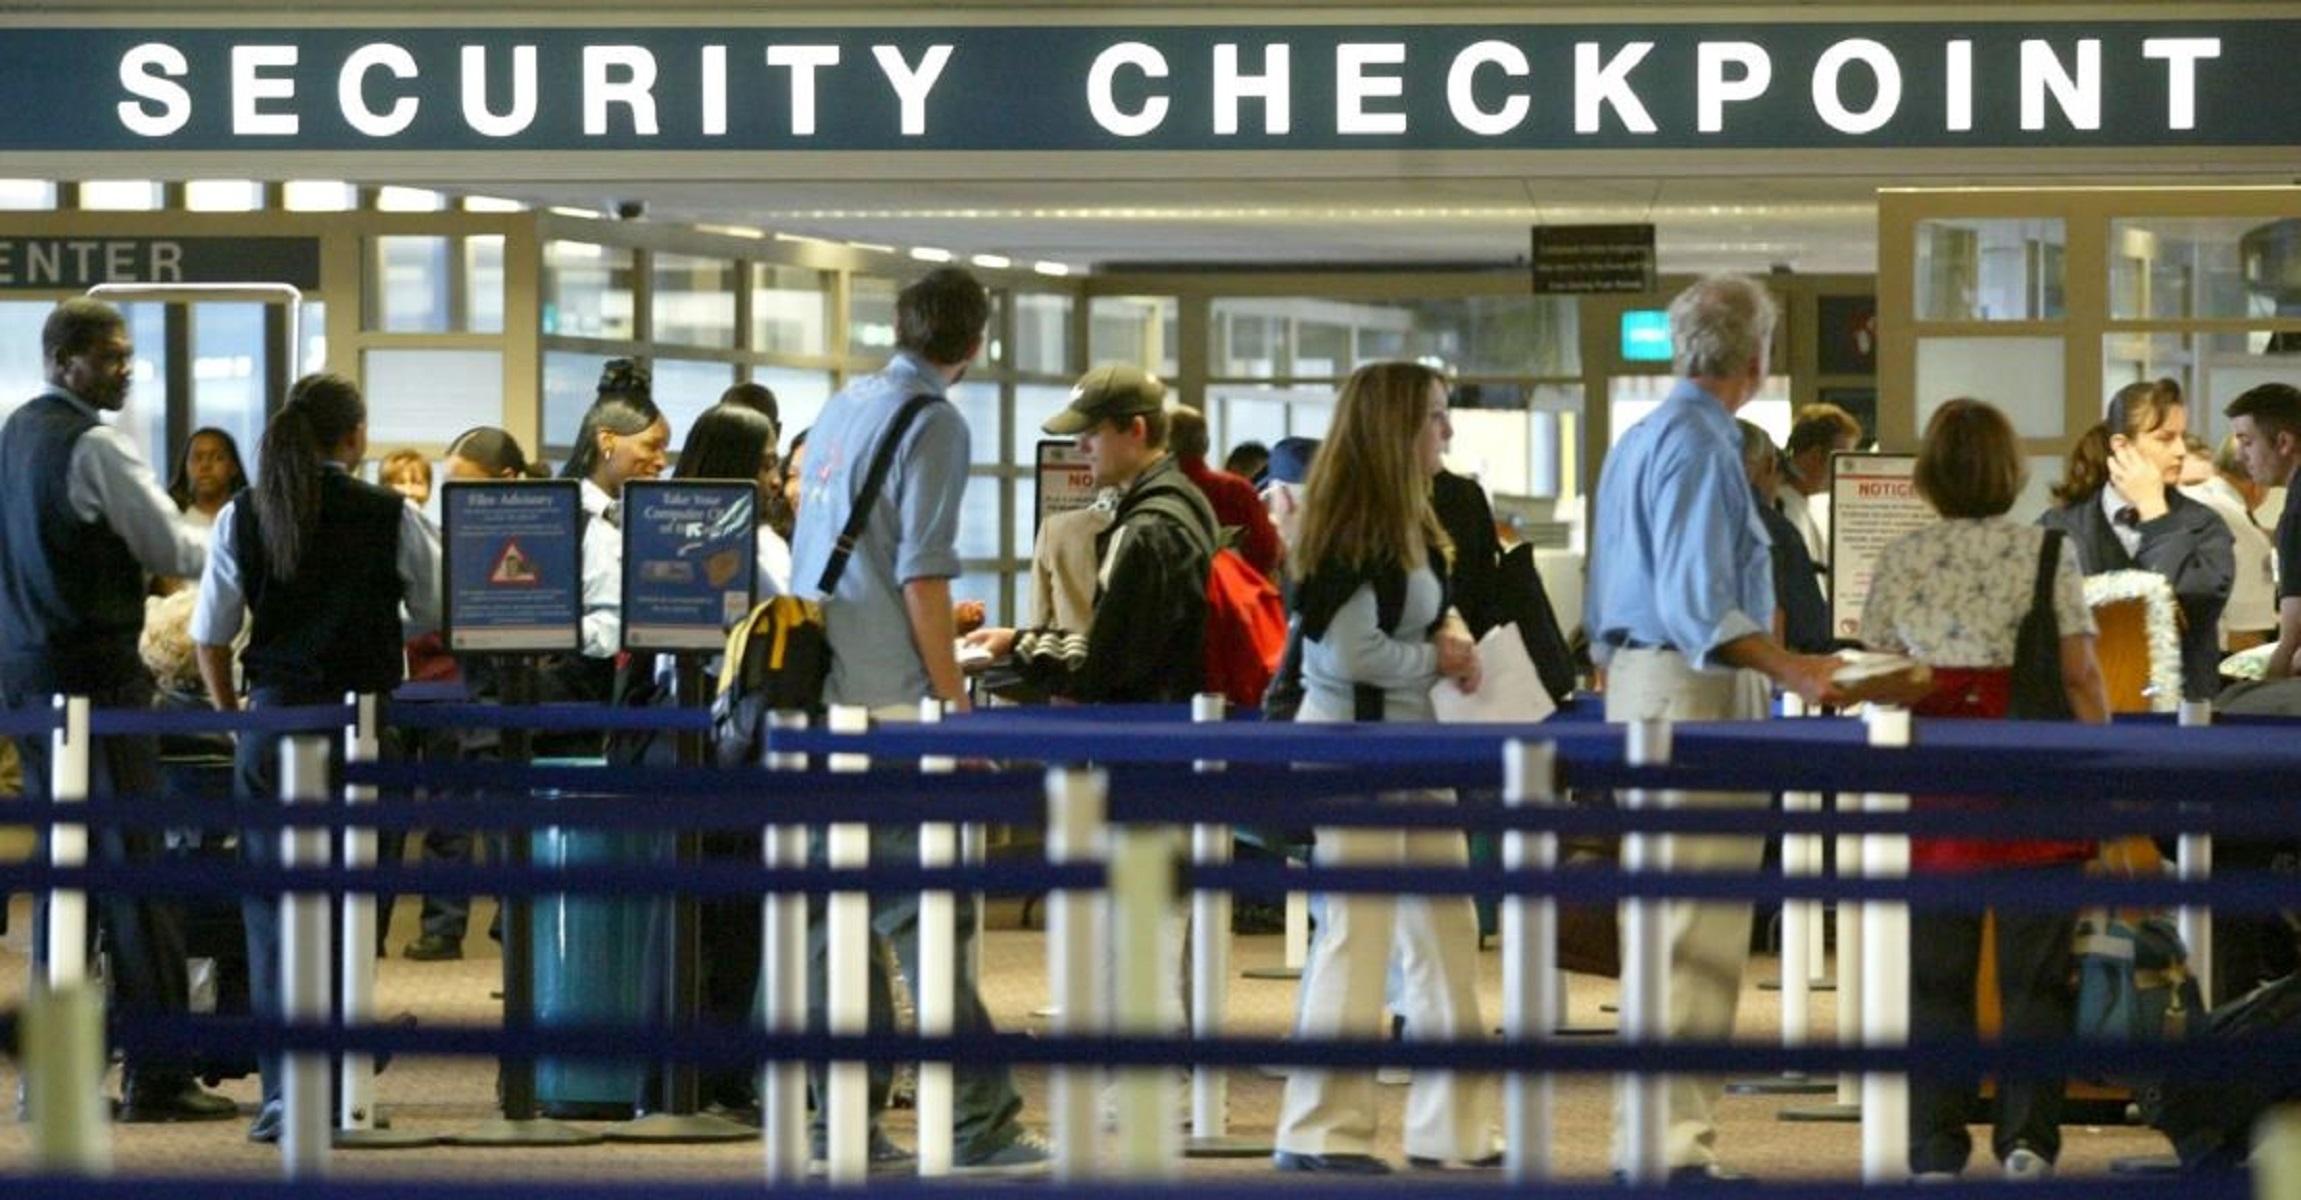 Aeroporti, arriva lo scanner 3D: a cosa serve?